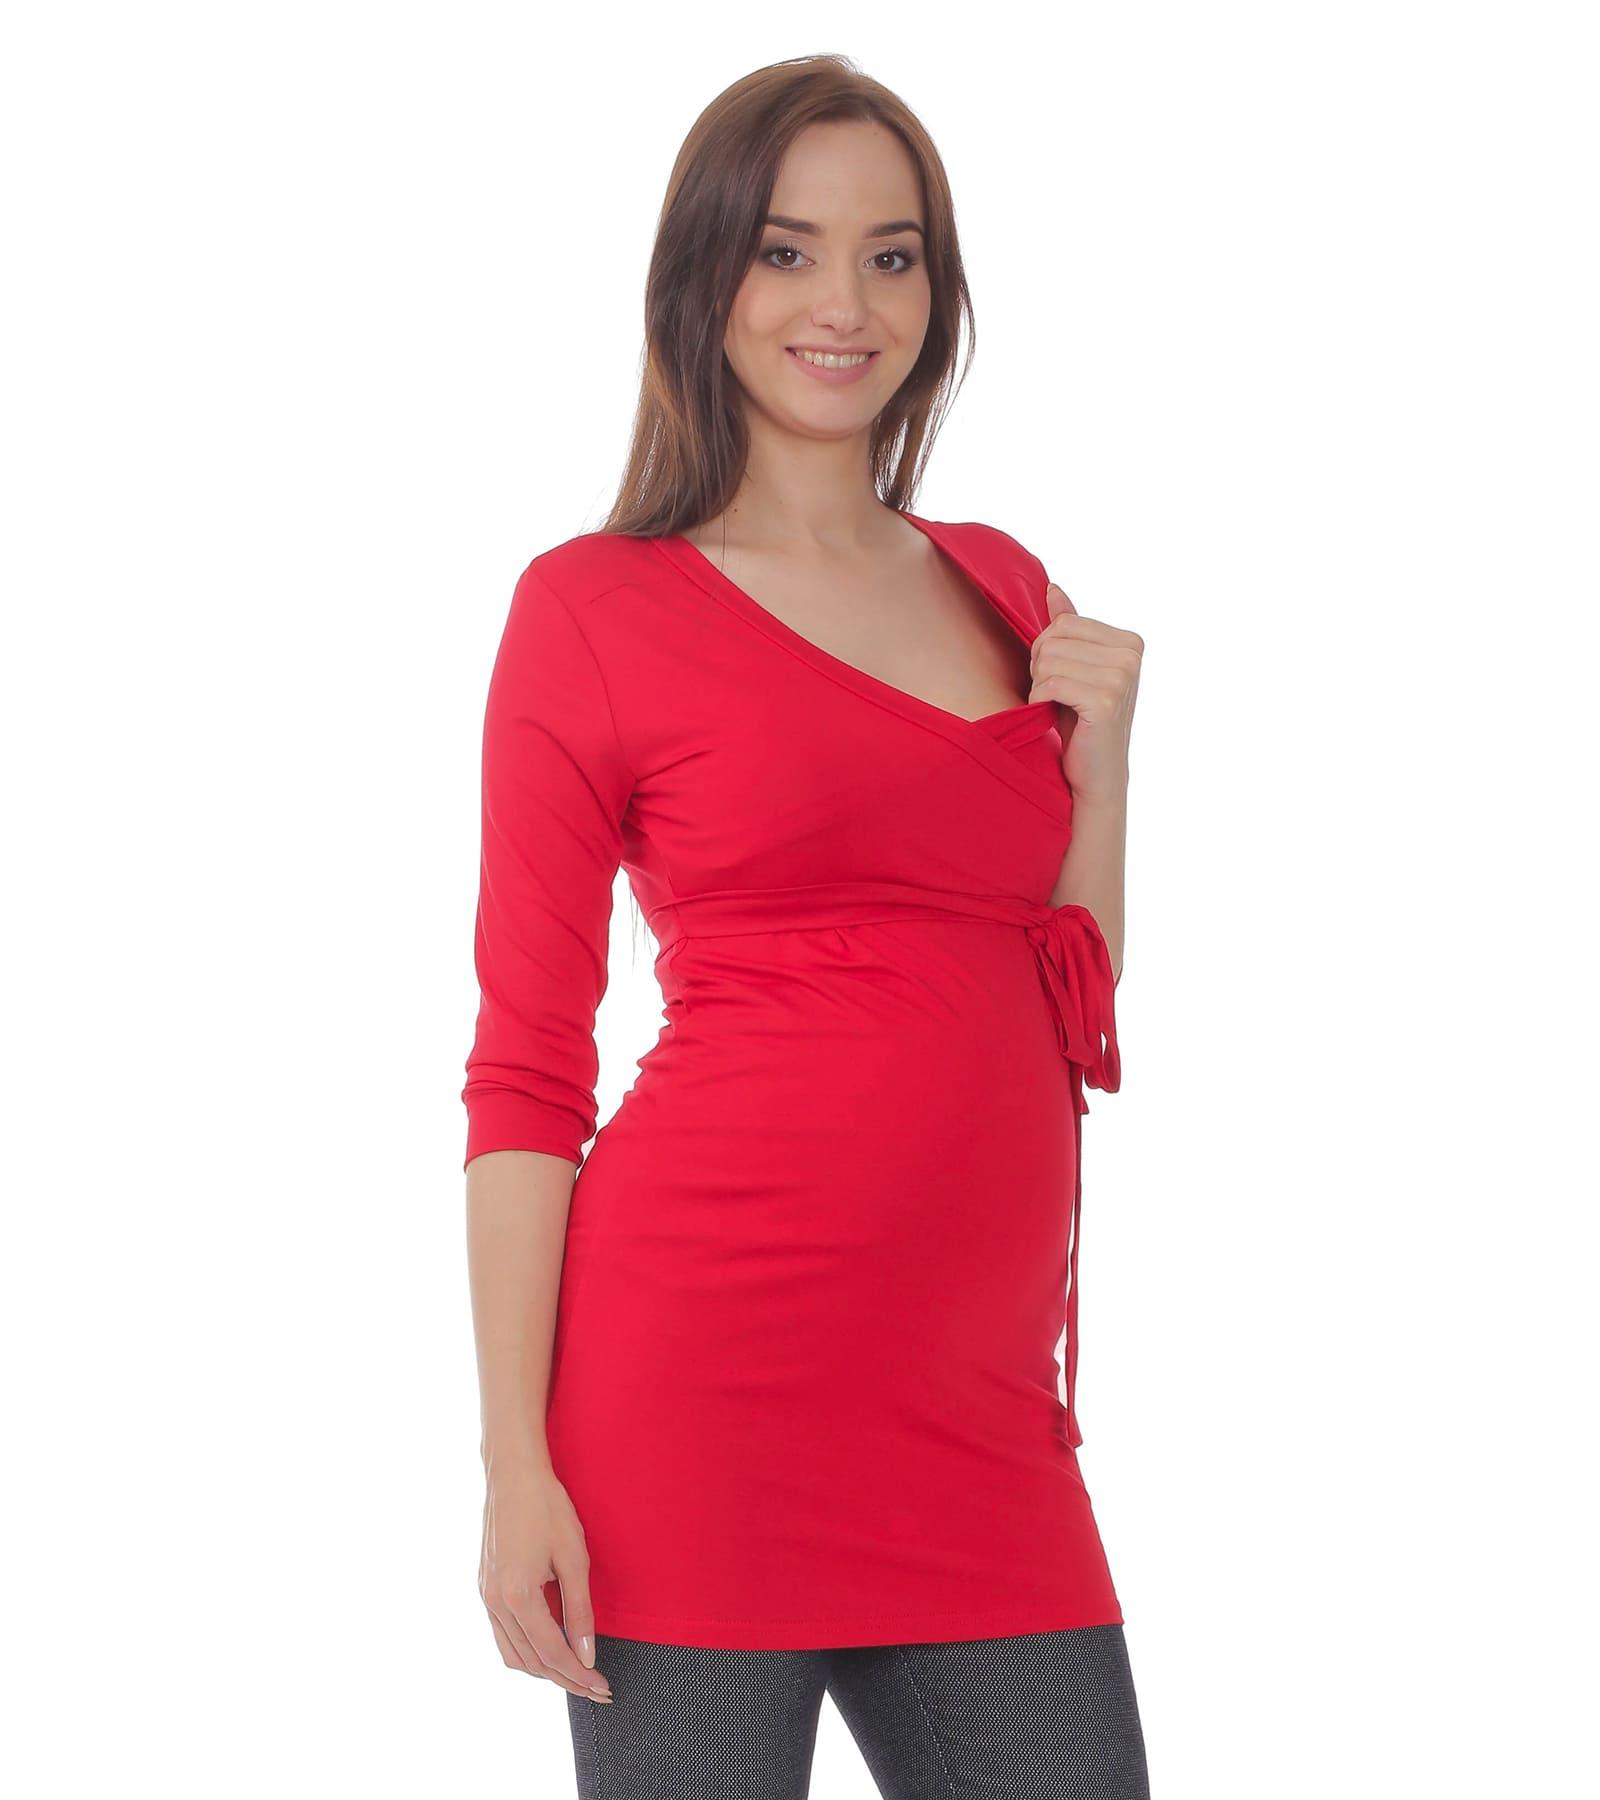 Czerwona bluzka ciążowa Dominika Bensini®